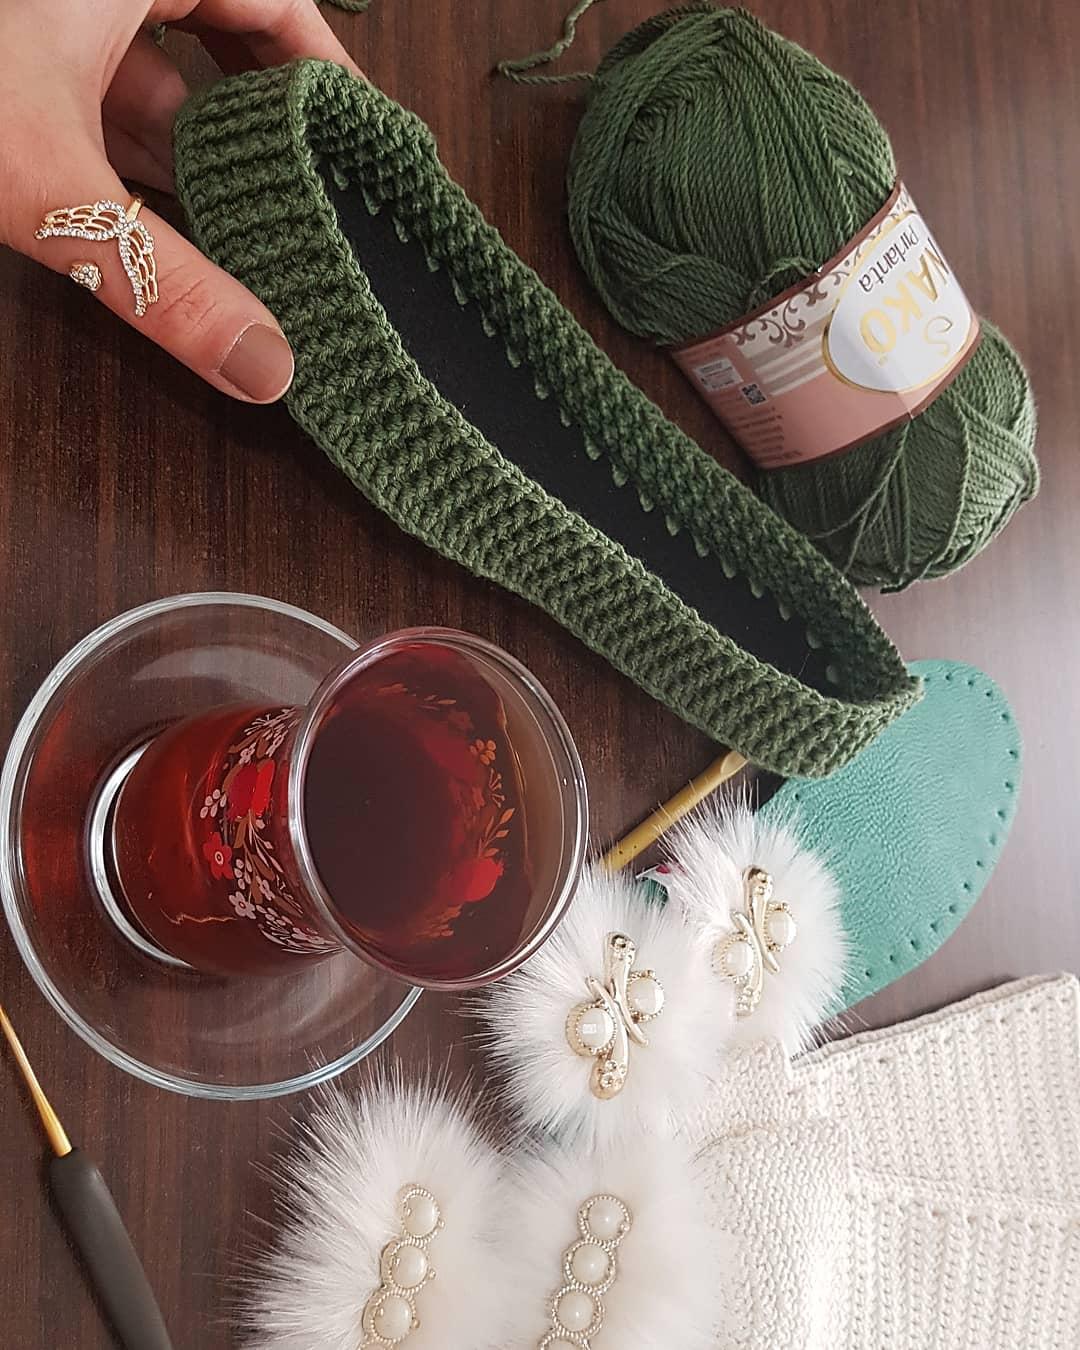 Selamlar Acaba Hangi Malzemeyi Nerden Al Örgü - Crochet Tutorial